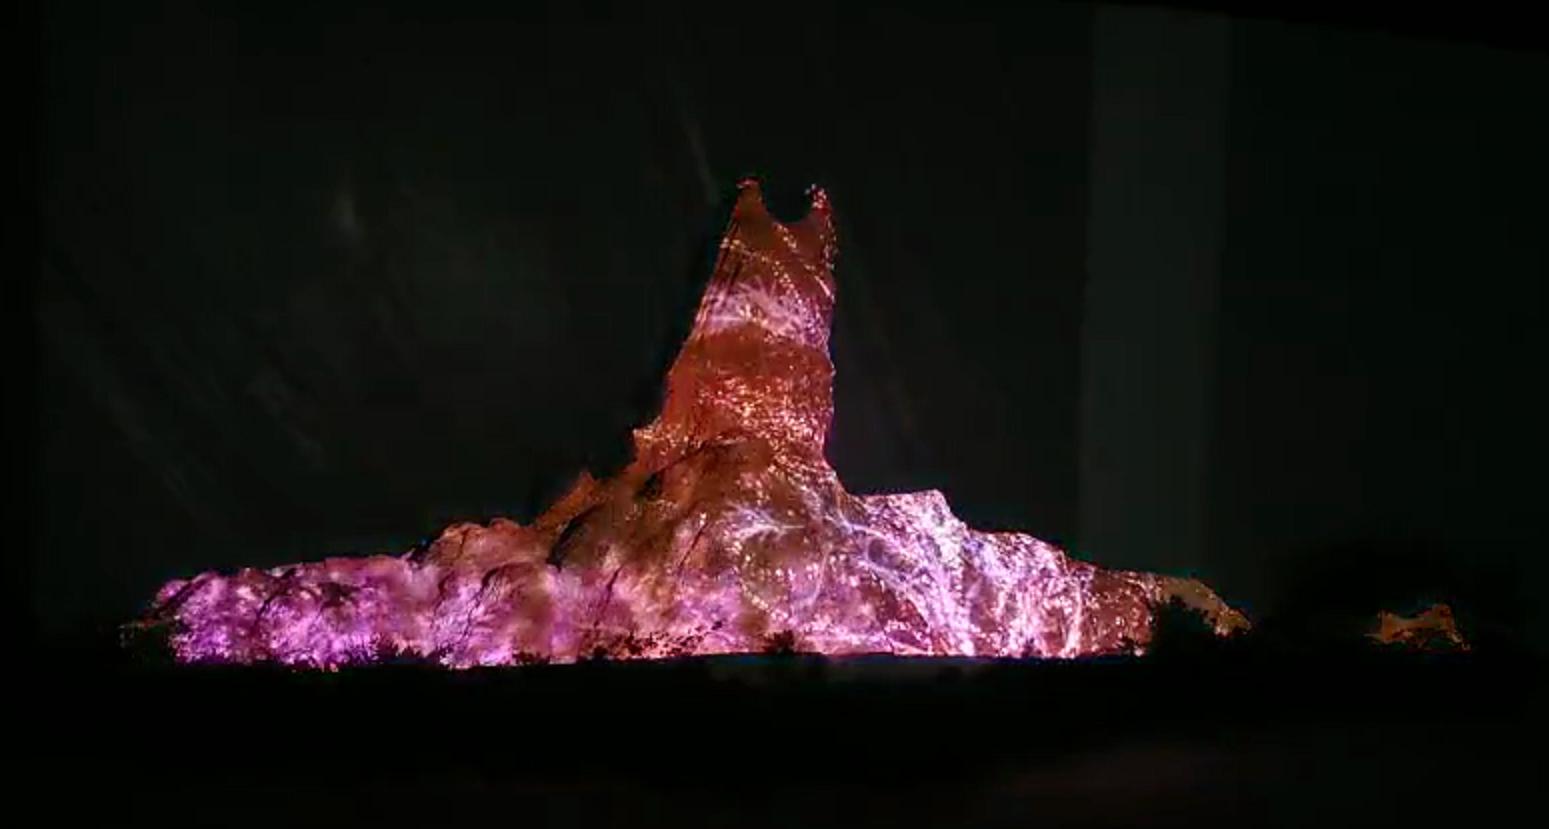 思成灯光为广州红棉国际时装城全息裸眼5D特效提供技术支持效果图